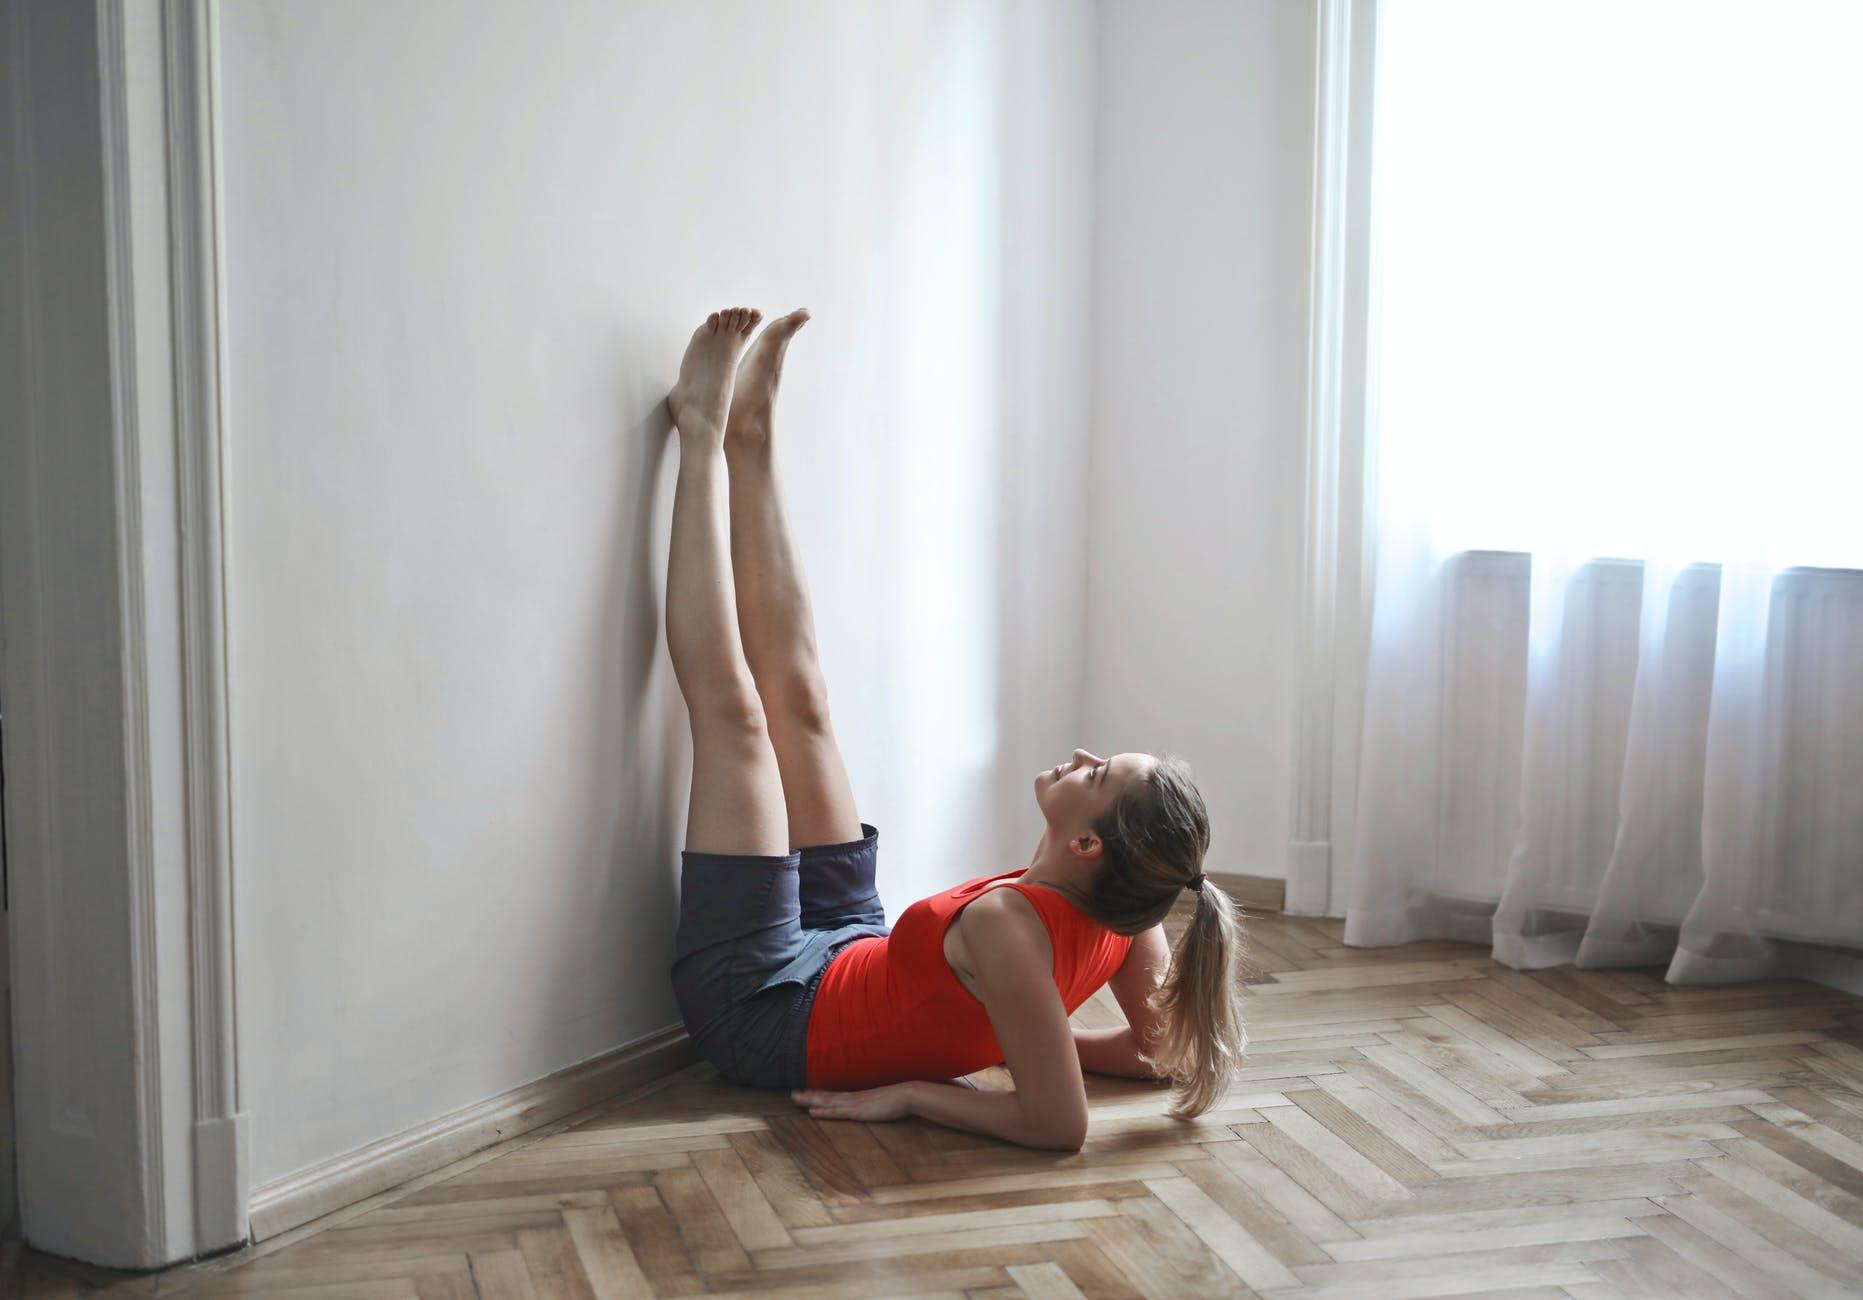 Tập yoga tư thế gác chân lên tường